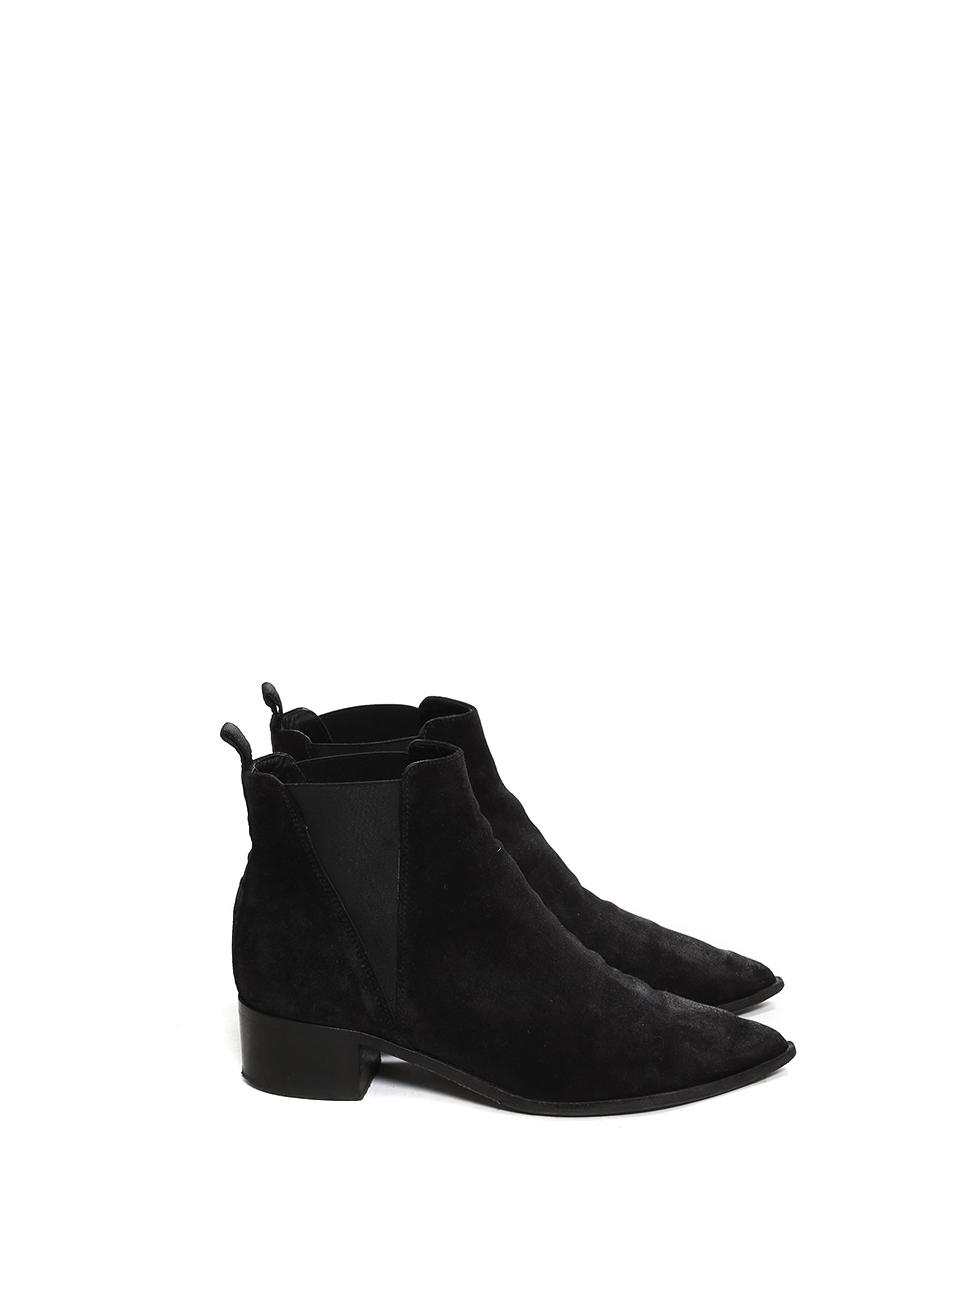 7c17f85d795 Louise Paris - ACNE STUDIOS JENSEN Black suede leather Chelsea ankle ...